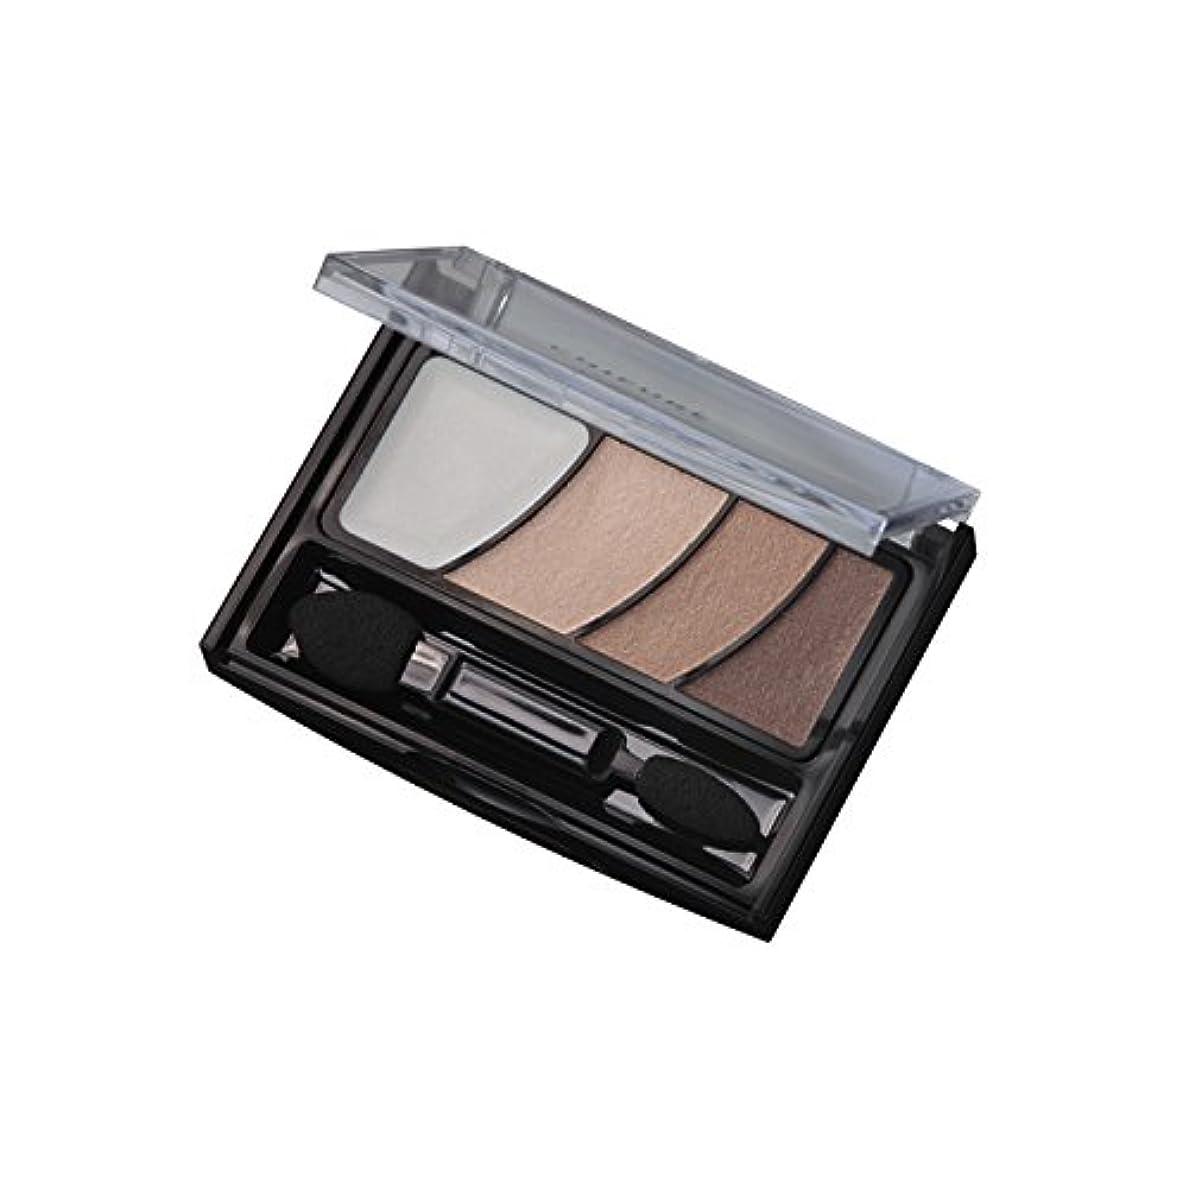 温室縫い目布ちふれ化粧品 グラデーション アイ カラー(チップ付) 74 ブラウン系 アイカラー74